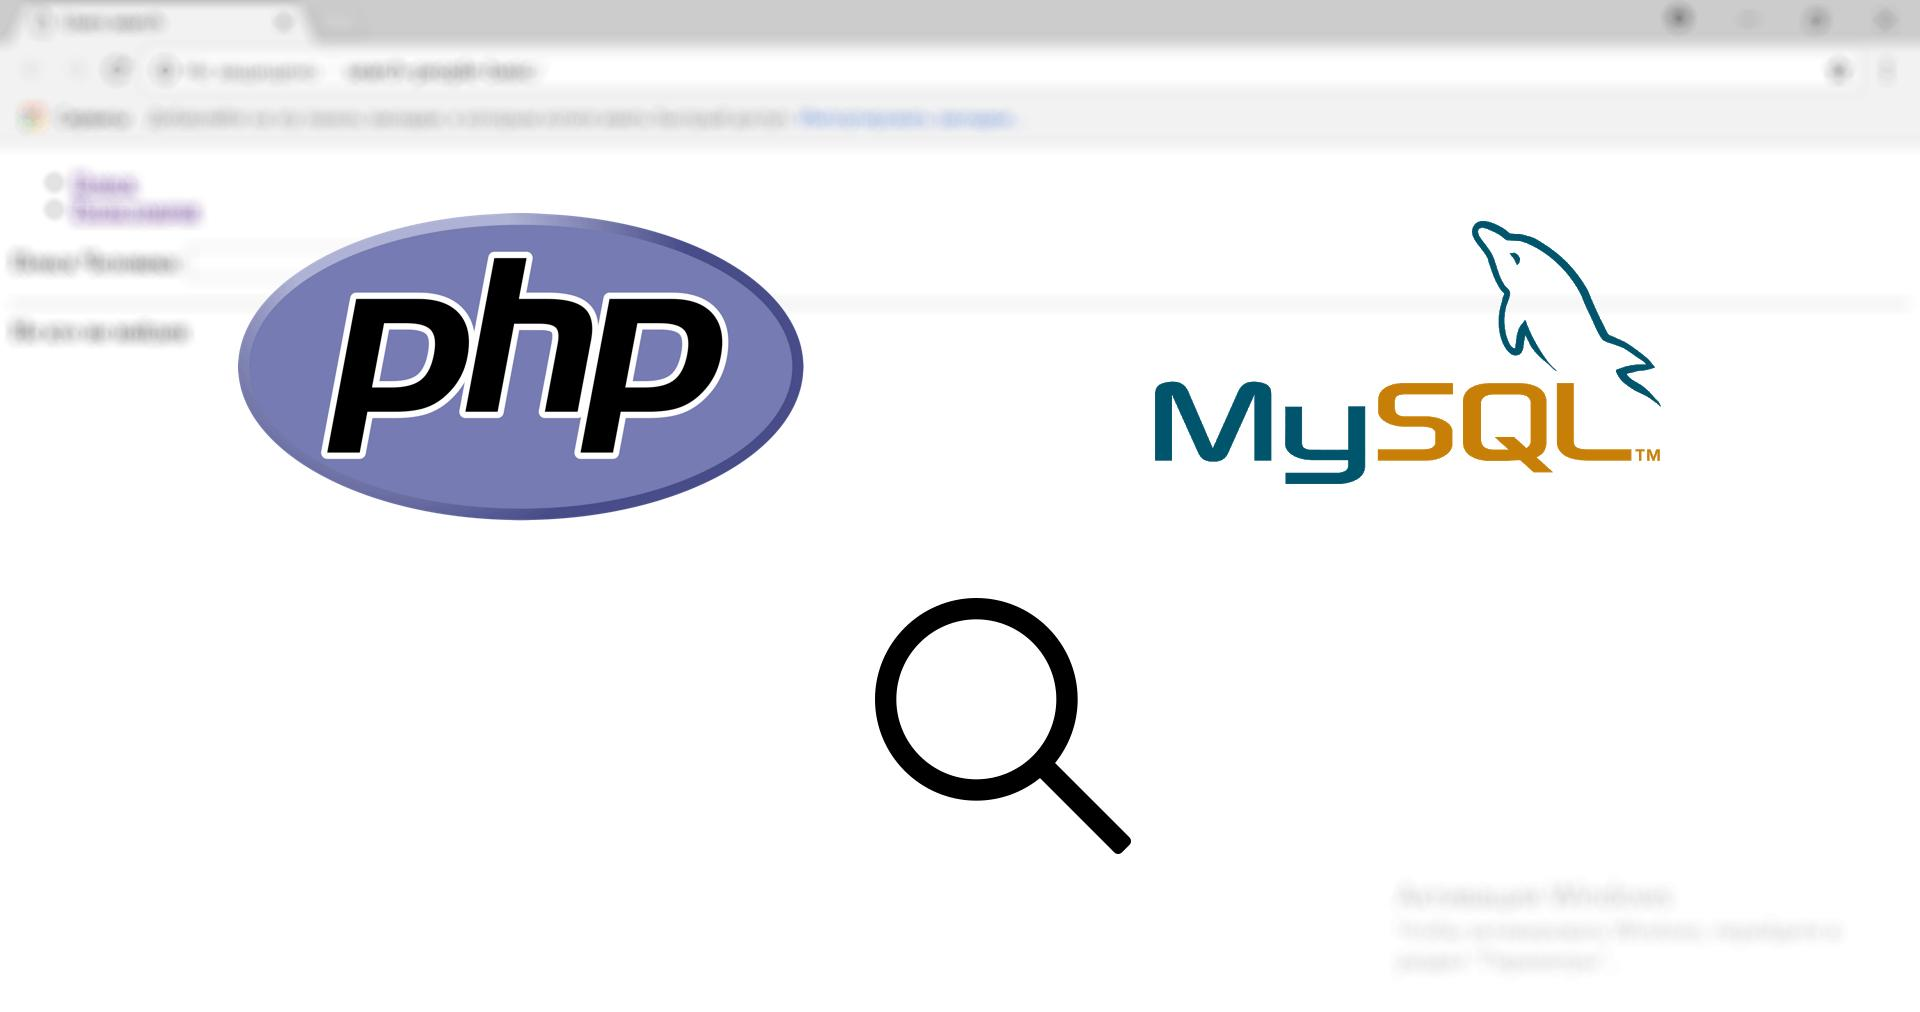 как сделать поиск по бд php